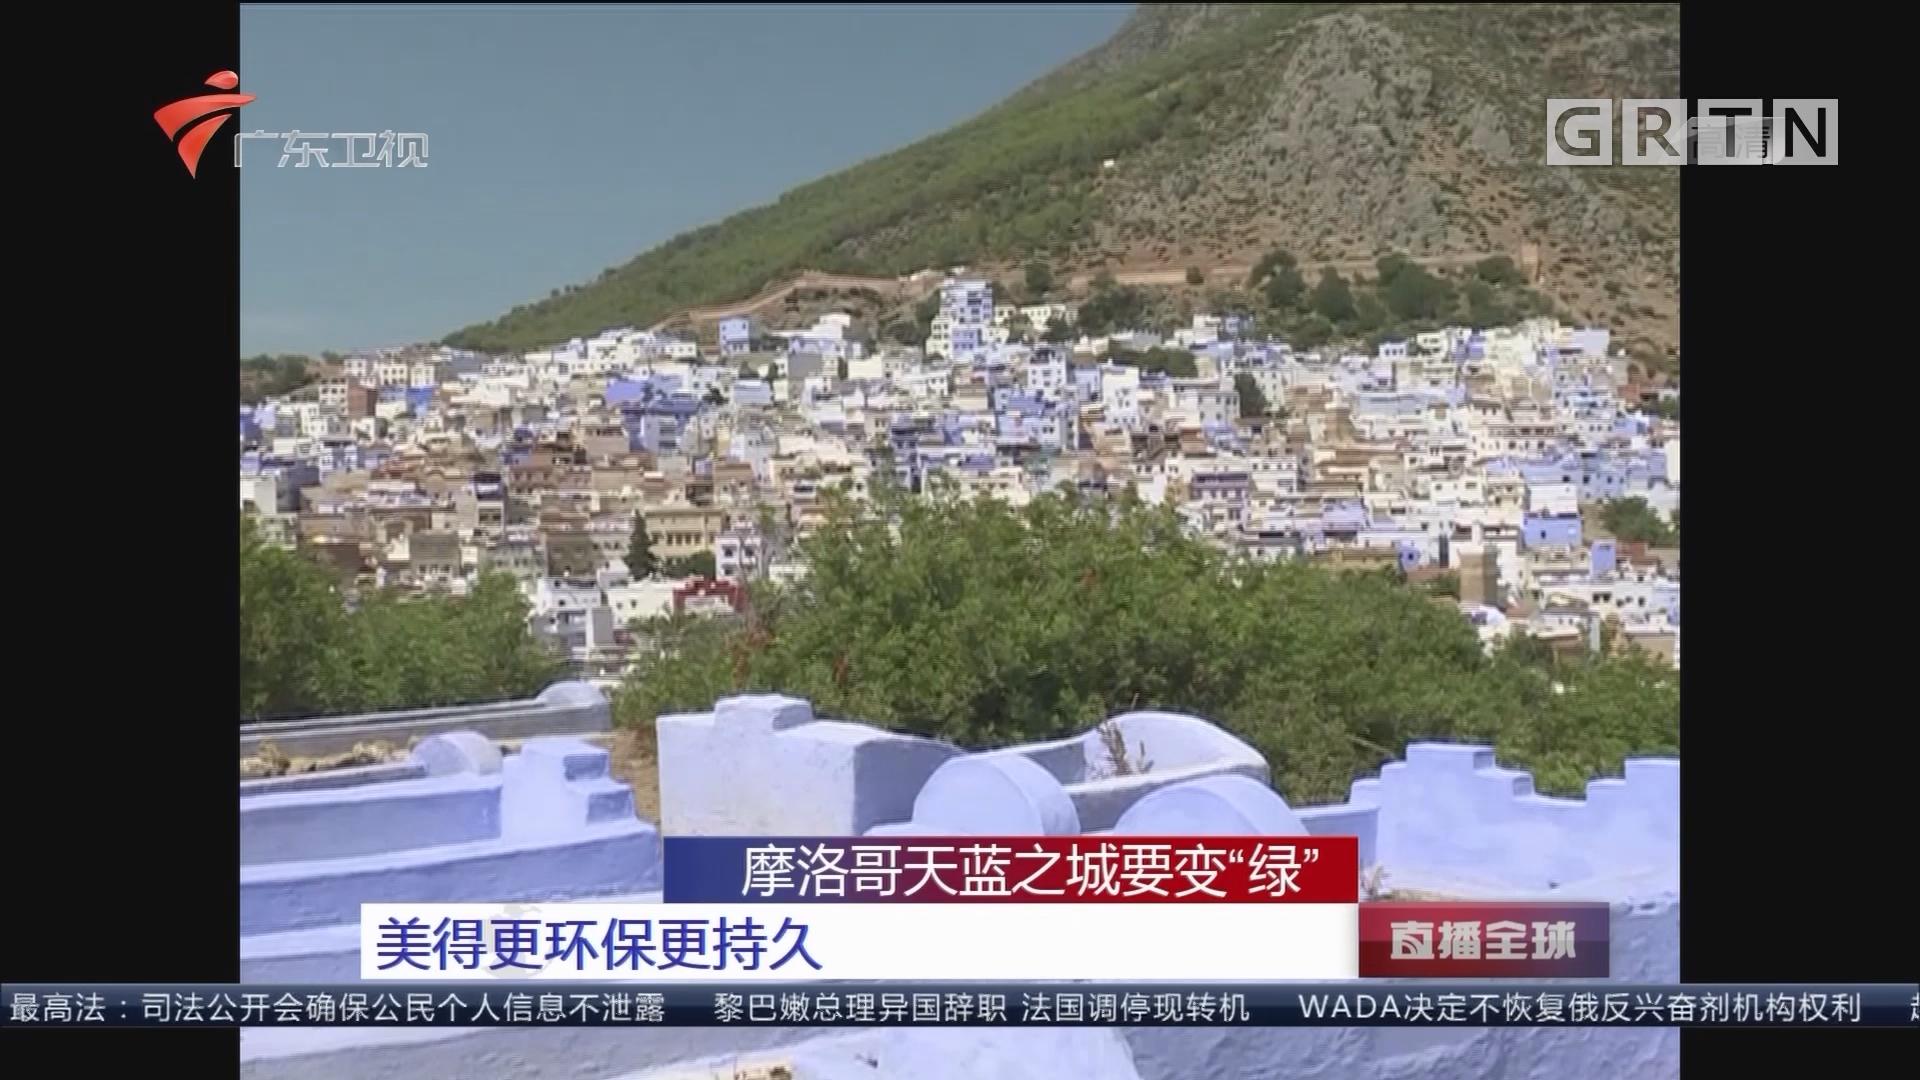 """摩洛哥天蓝之城要变""""绿"""" 美得更环保更持久"""